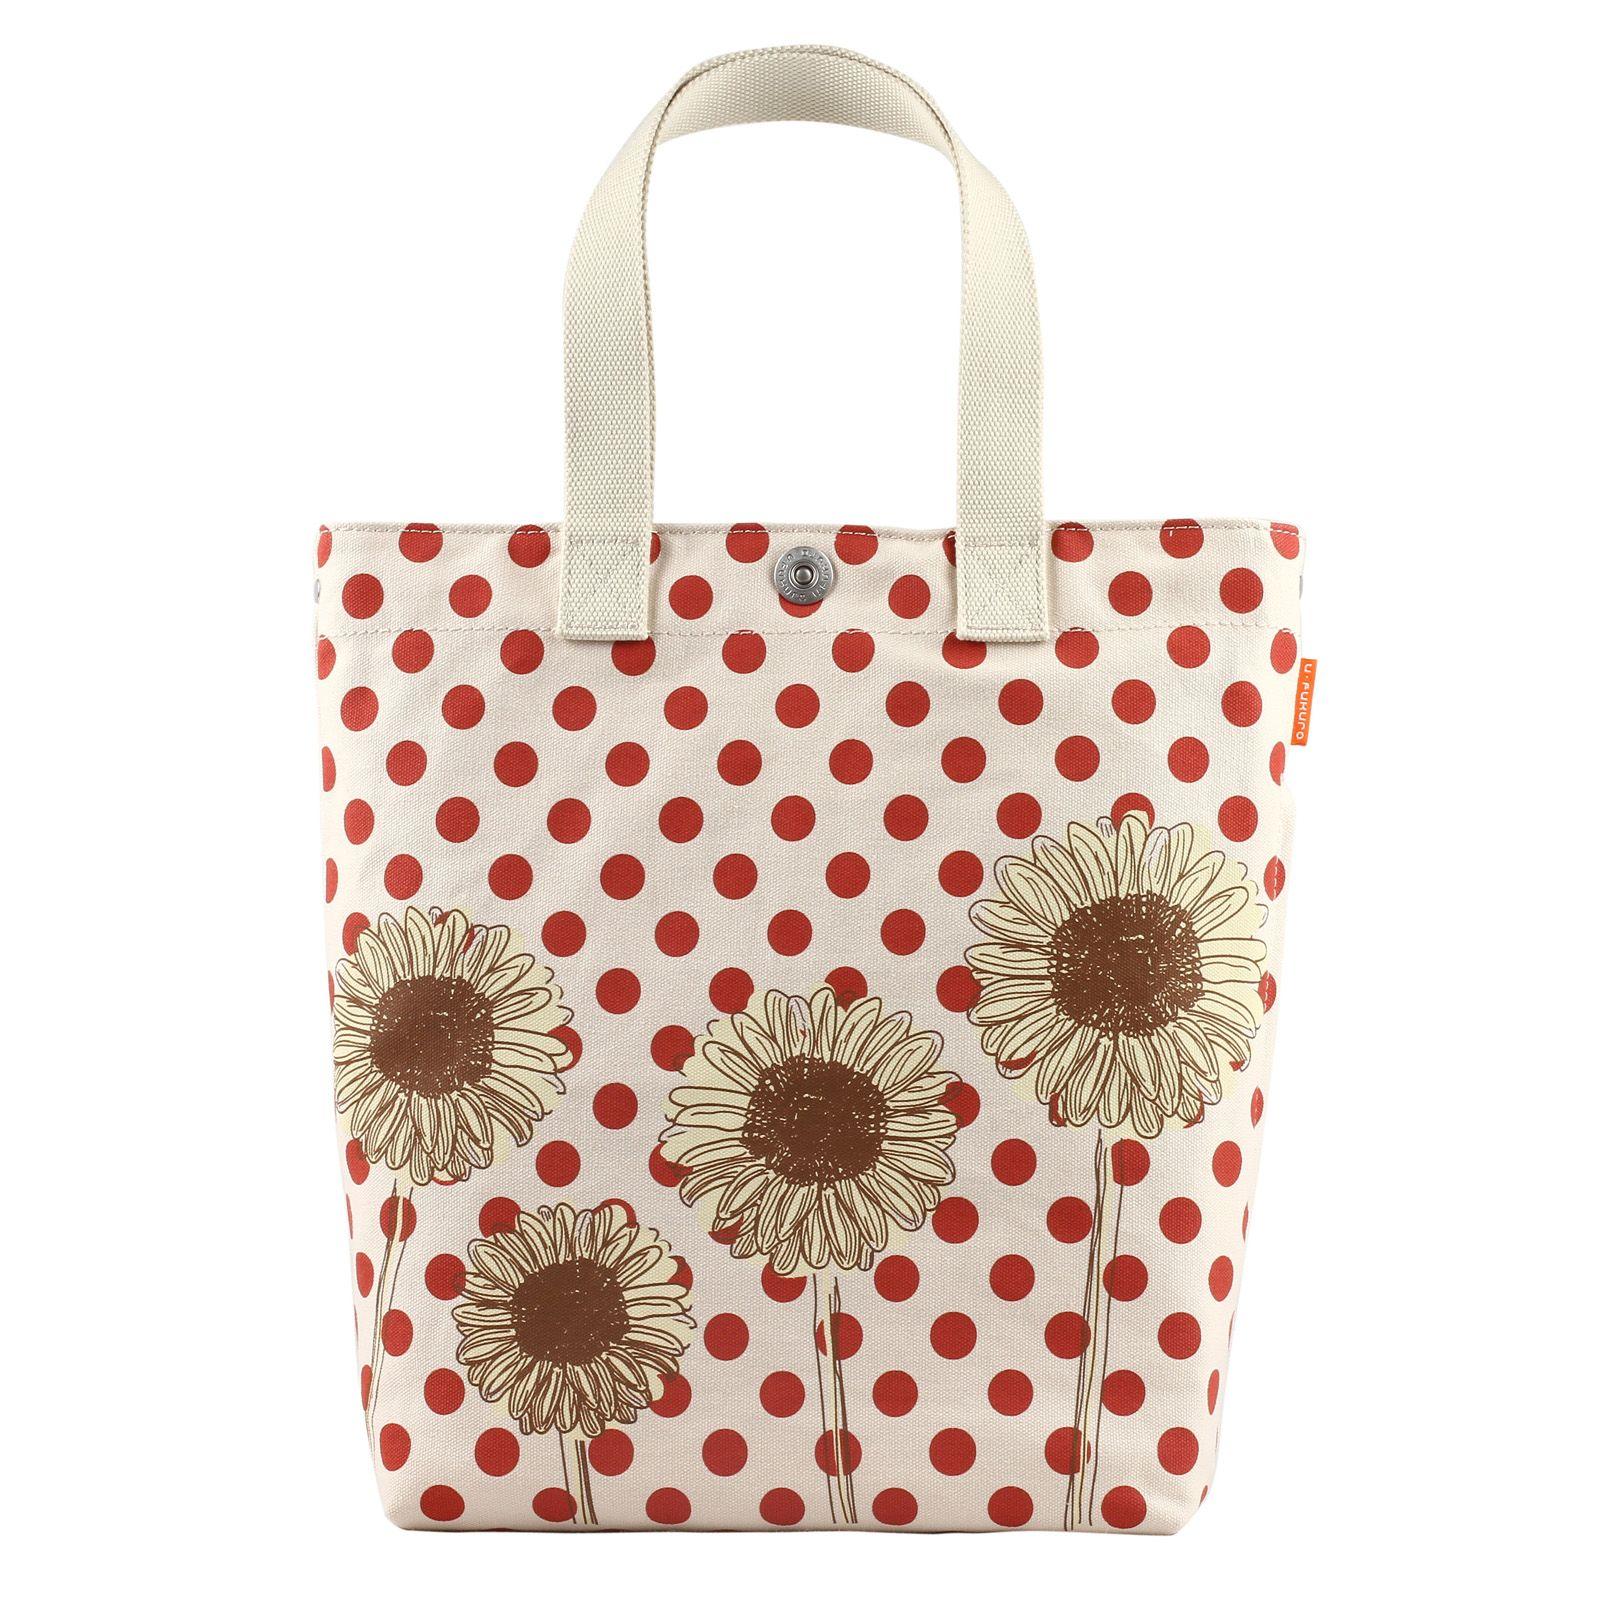 c4405ffc6f30c Canvas bag Ufukuro Sunshine Smile günstige Taschen für Jugendliche ...